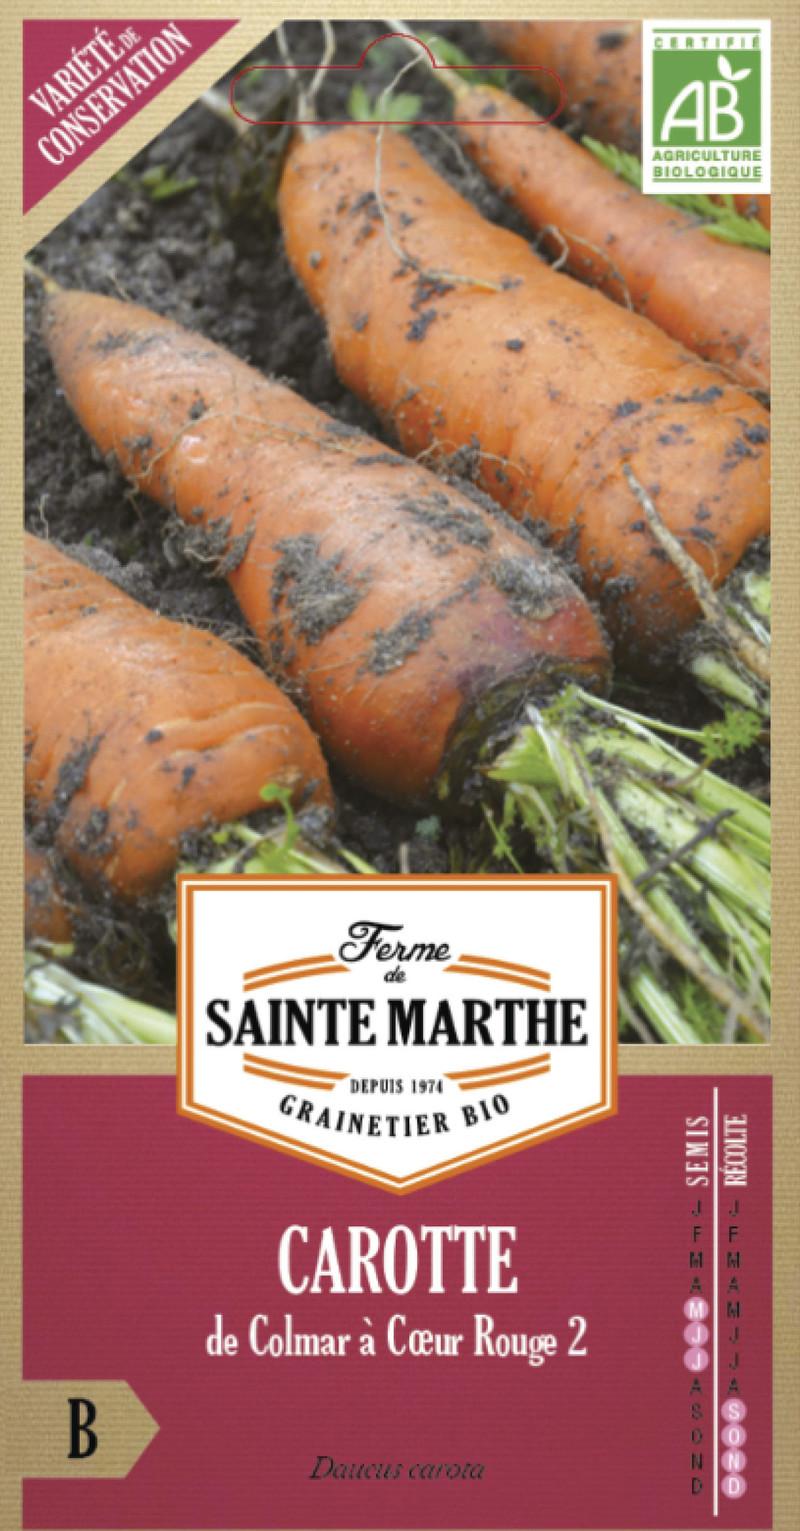 carotte de colmar a coeur rouge bio la ferme de sainte marthe graine semence potager sachet semis - Voir en grand